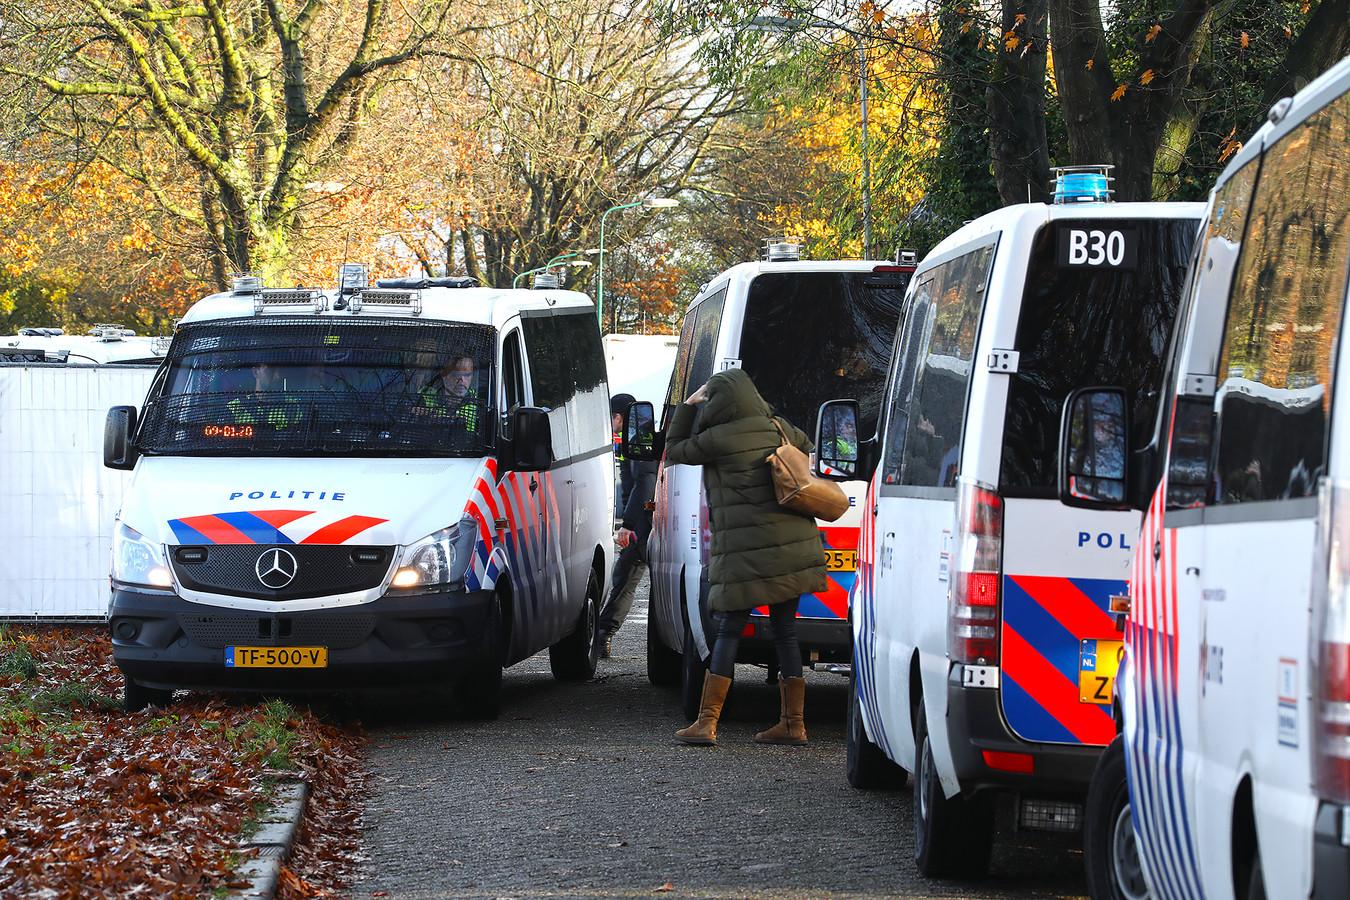 De politie tijdens de inval vorige week woensdag aan de Hoogheuvelstraat in Oss